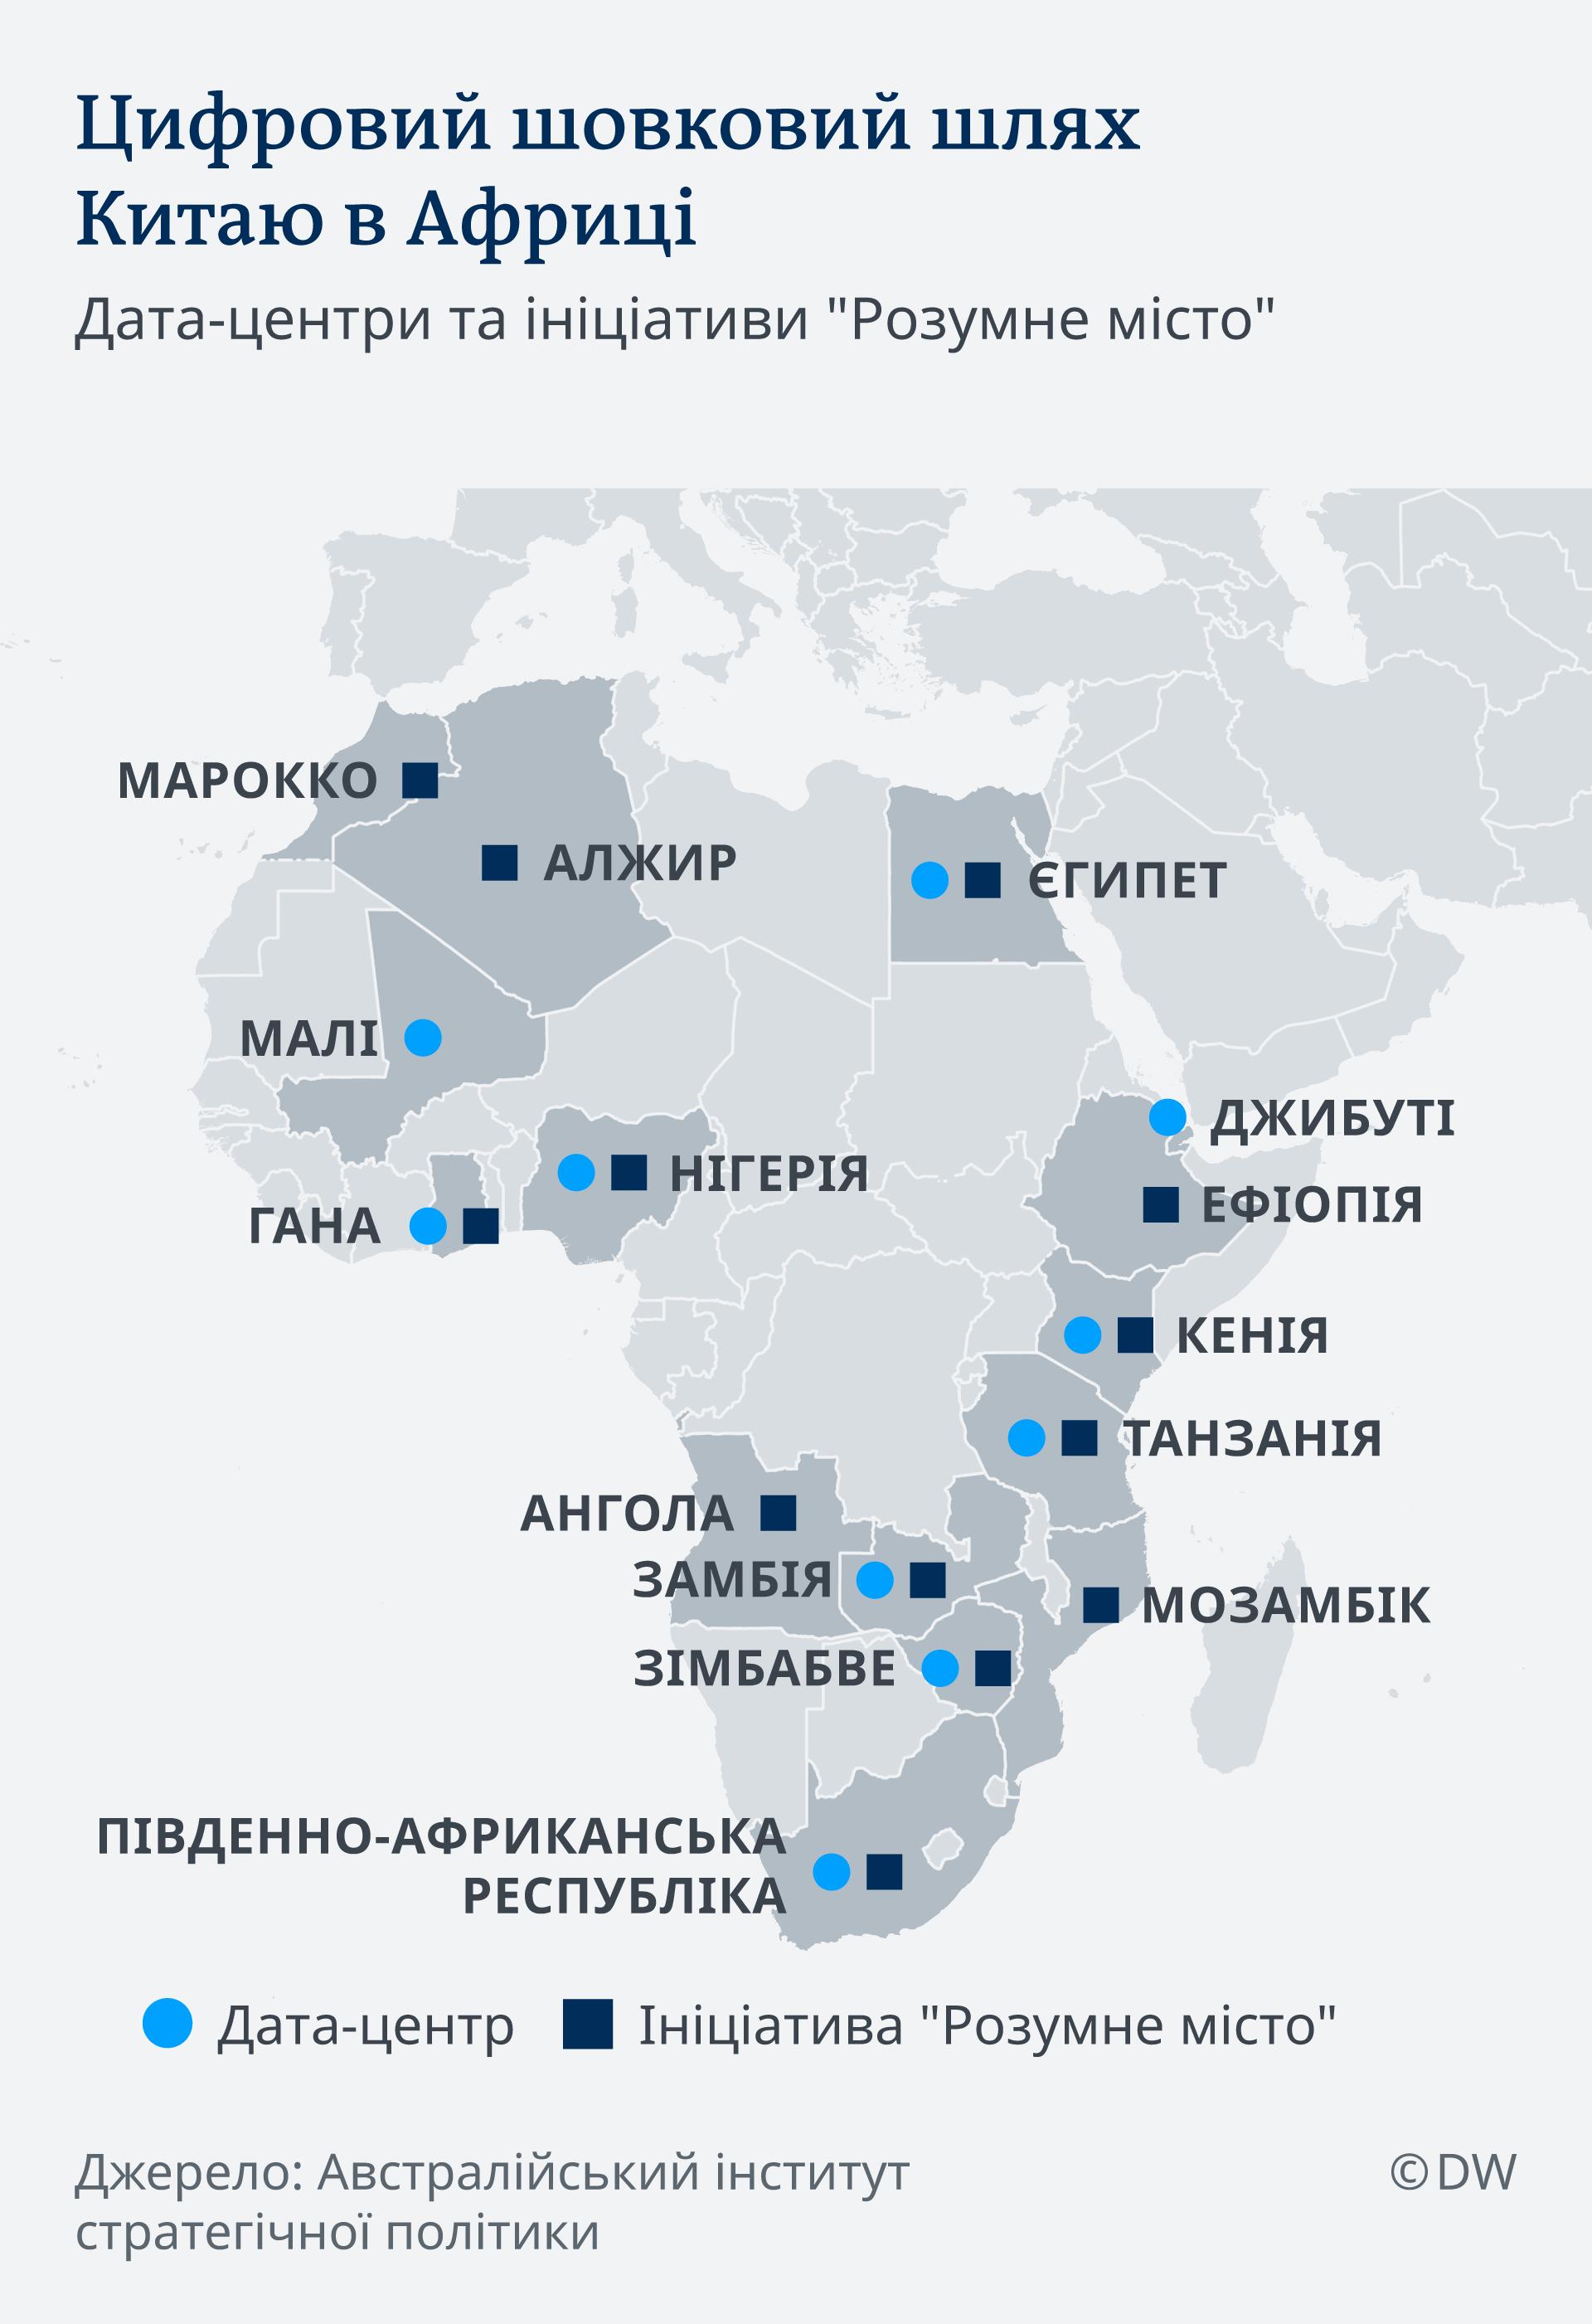 Цифровий шовковий шлях Китаю в Африці